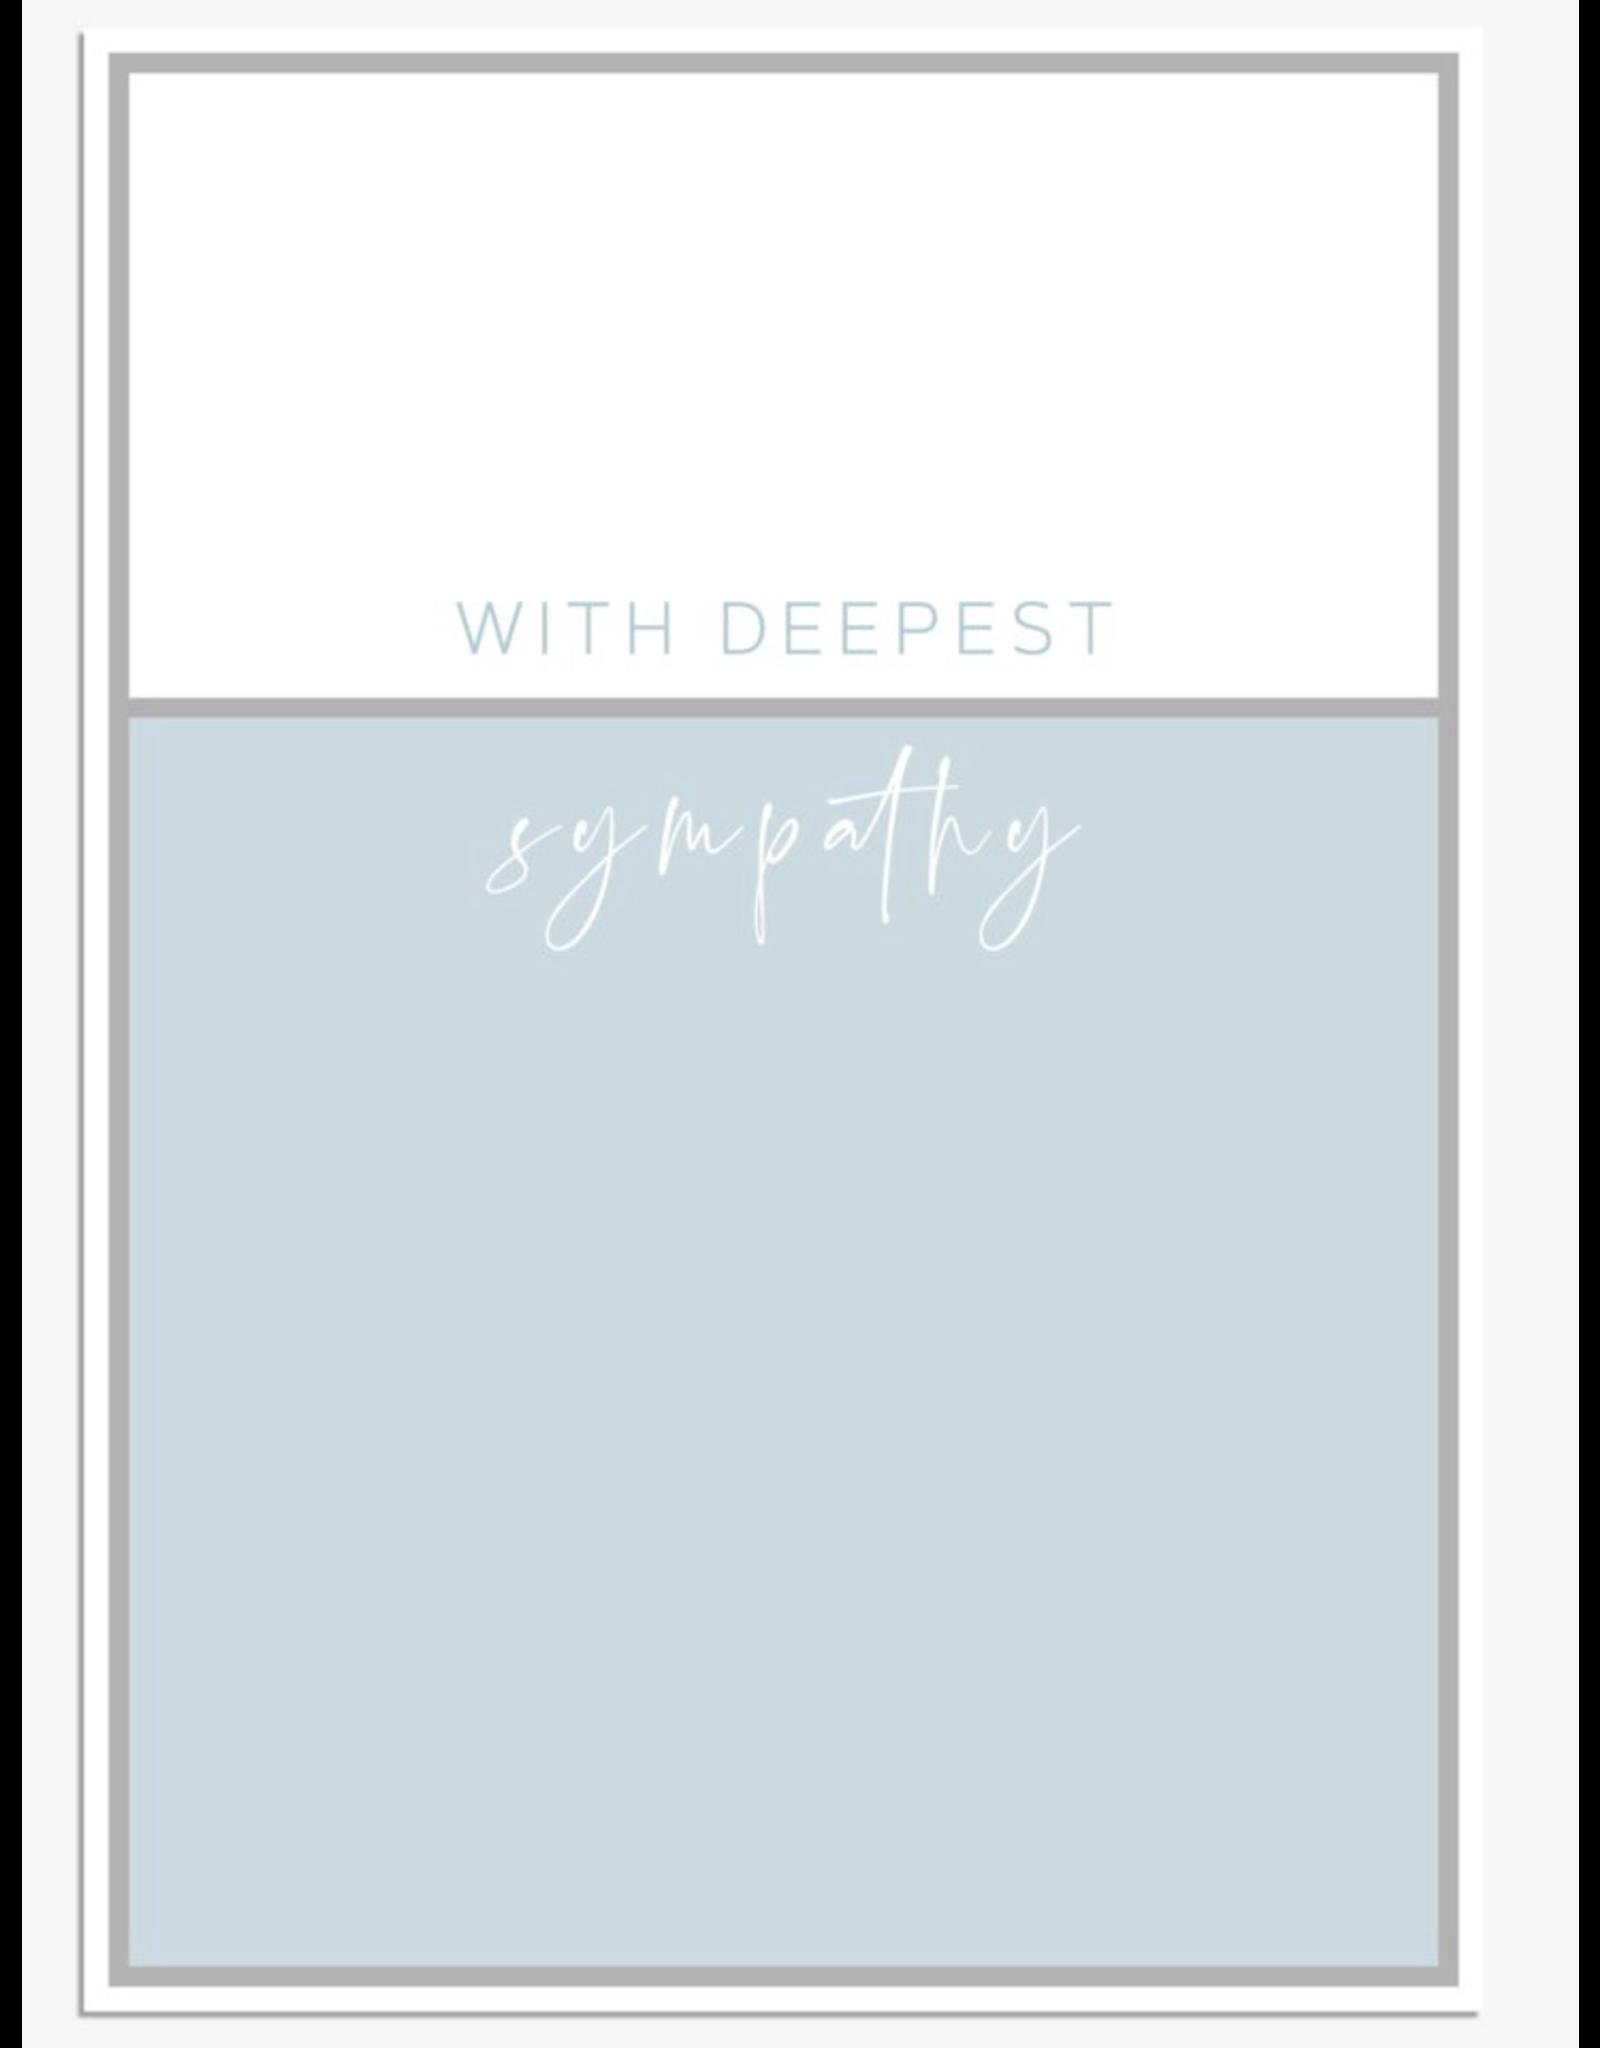 Sympathy - With deepest sympathy